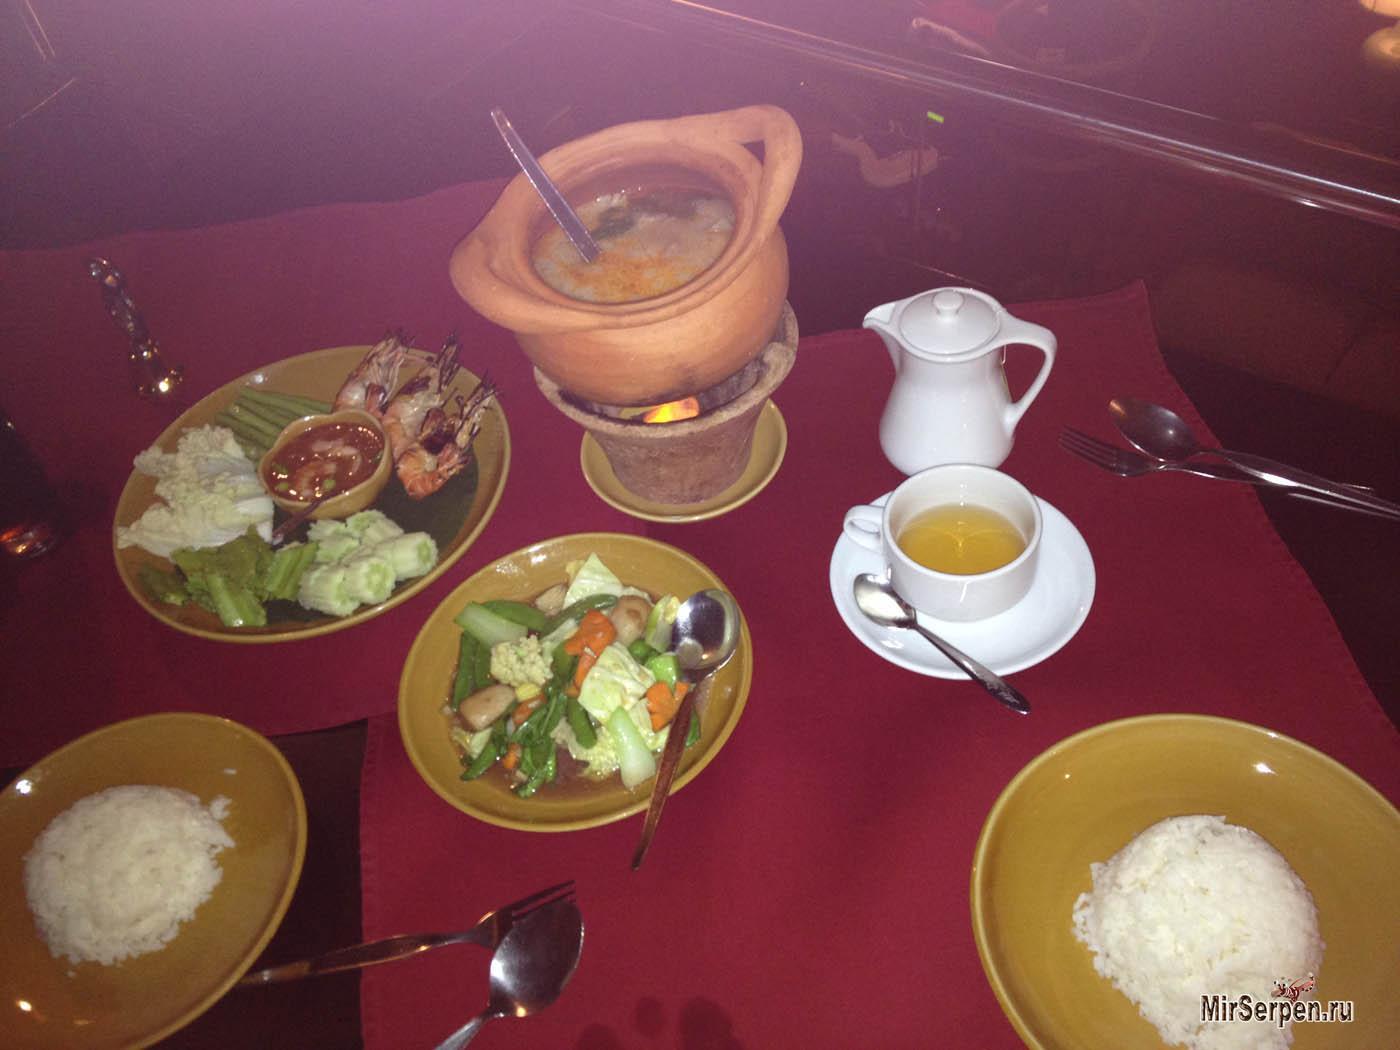 Как попробовать азиатскую кухню и не умереть